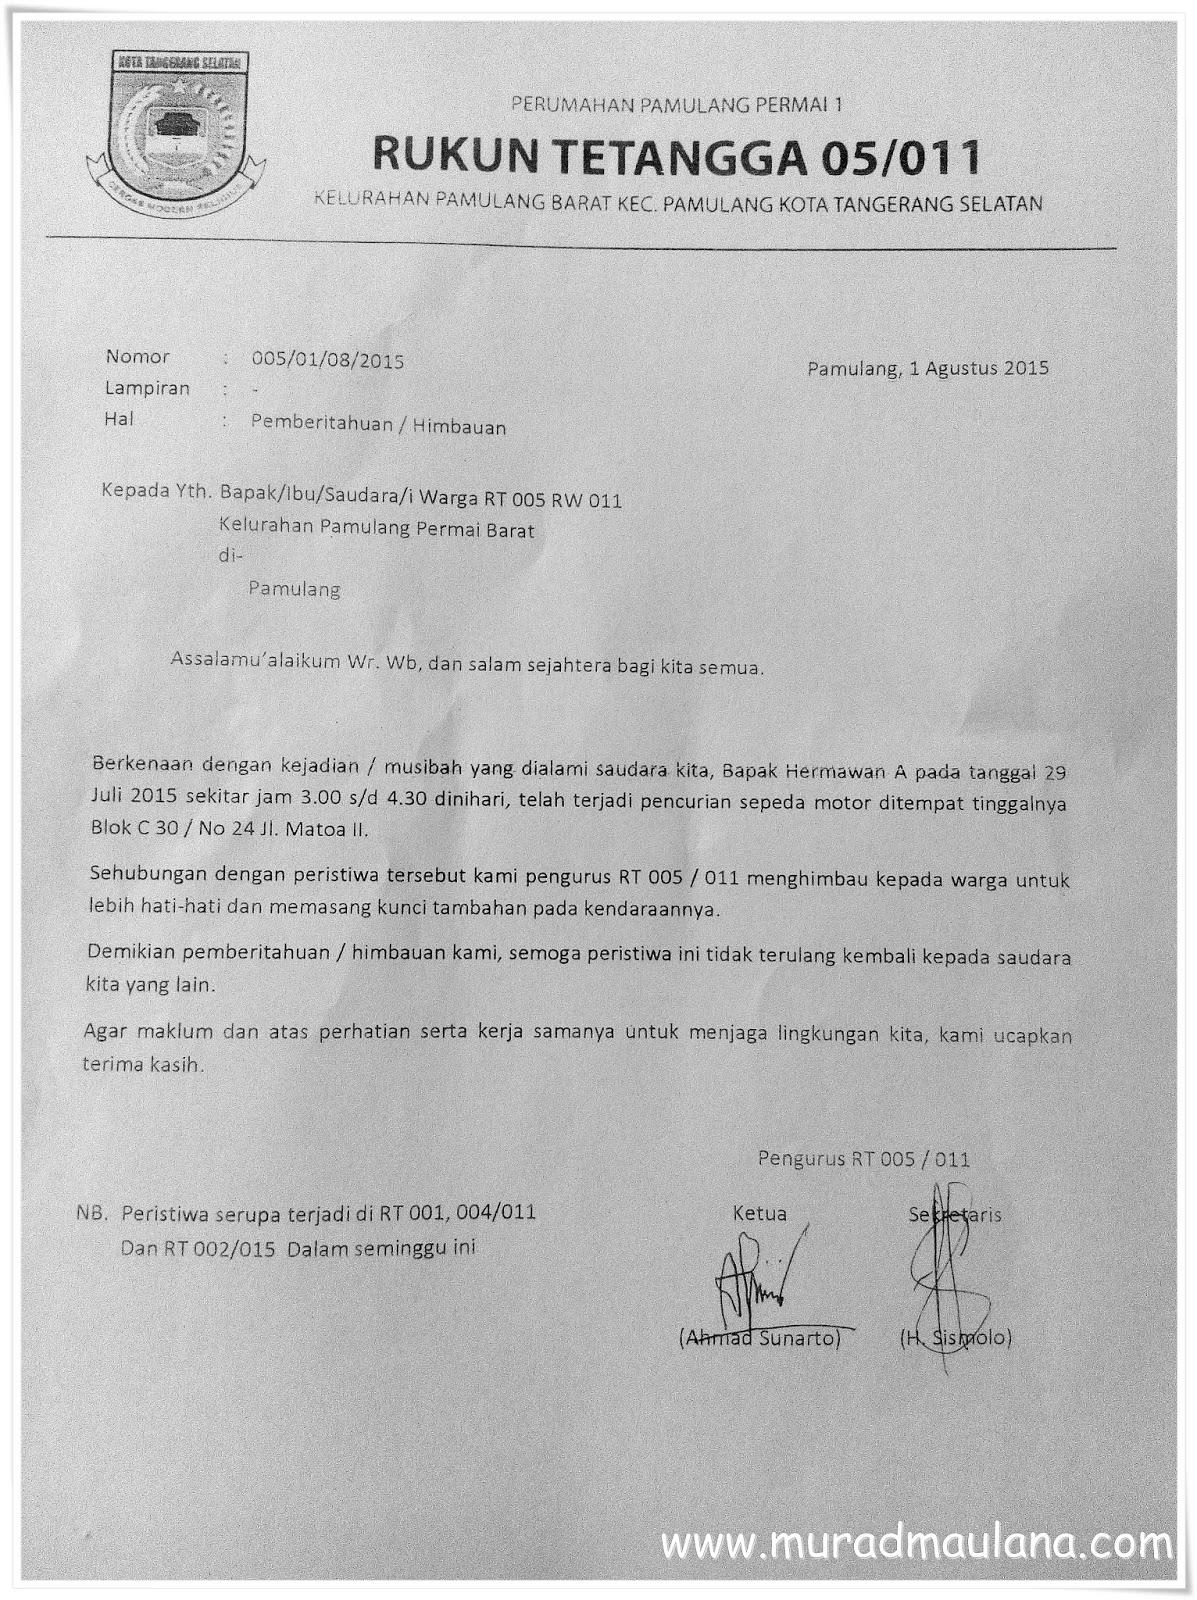 Contoh Surat Pemberitahuan Himbauan Dari Rt Murad Maulana